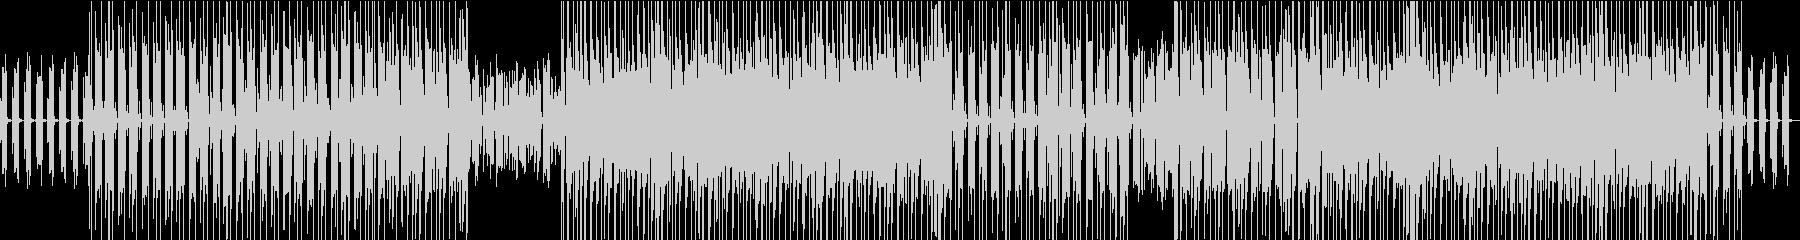 【生演奏】朝にぴったりな爽やかBGMの未再生の波形